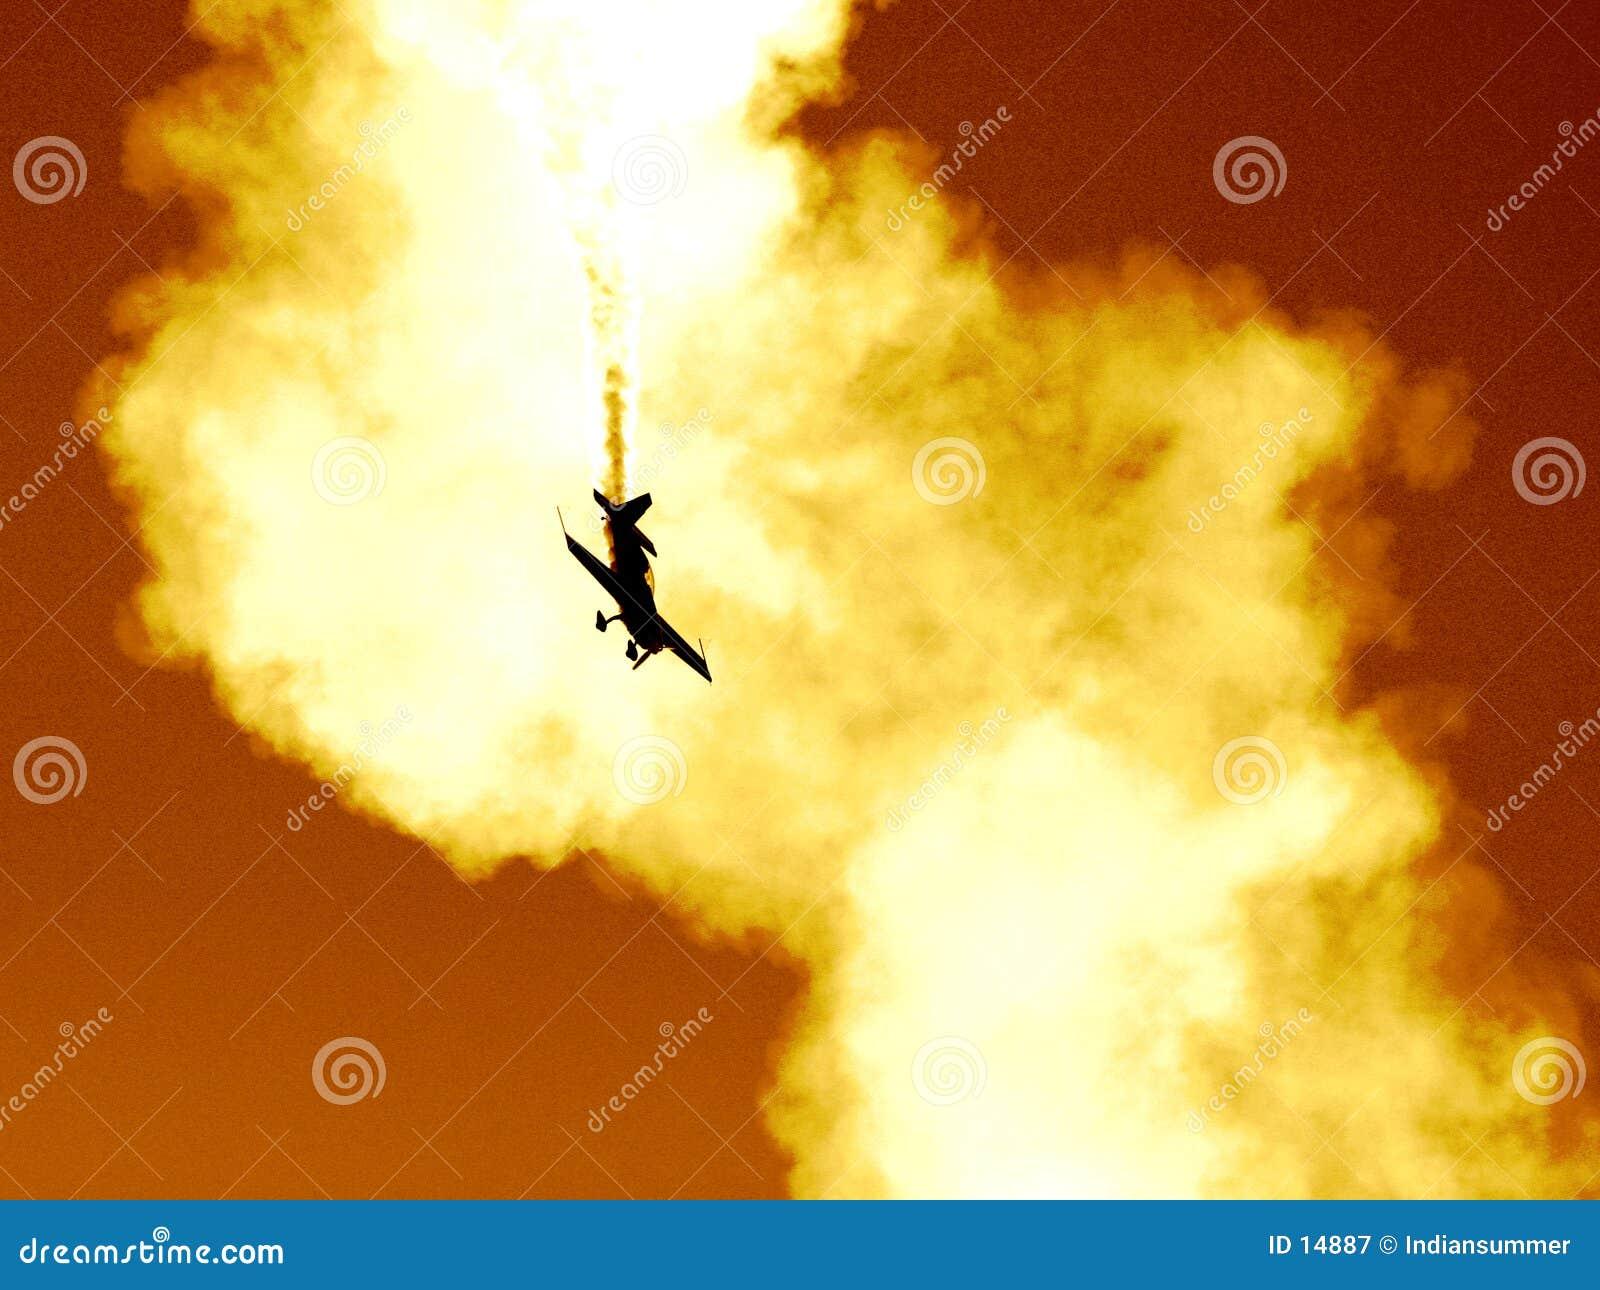 Vliegtuig in de rookwolk II